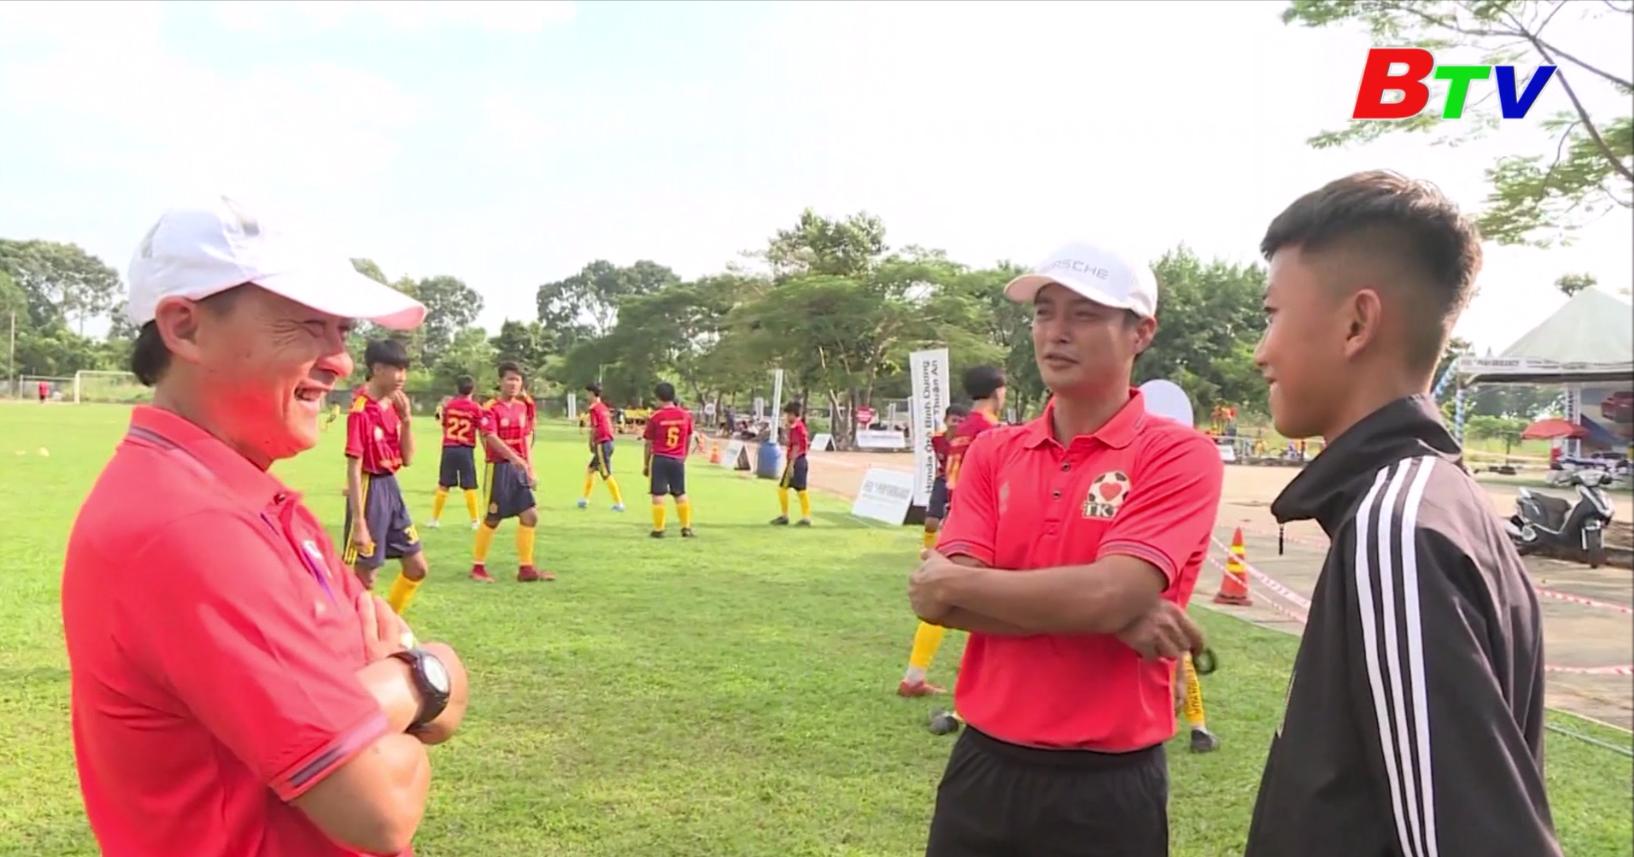 Huấn luyện viên Nguyễn Văn Hiếu – Người ươm mầm giấc mơ sân cỏ